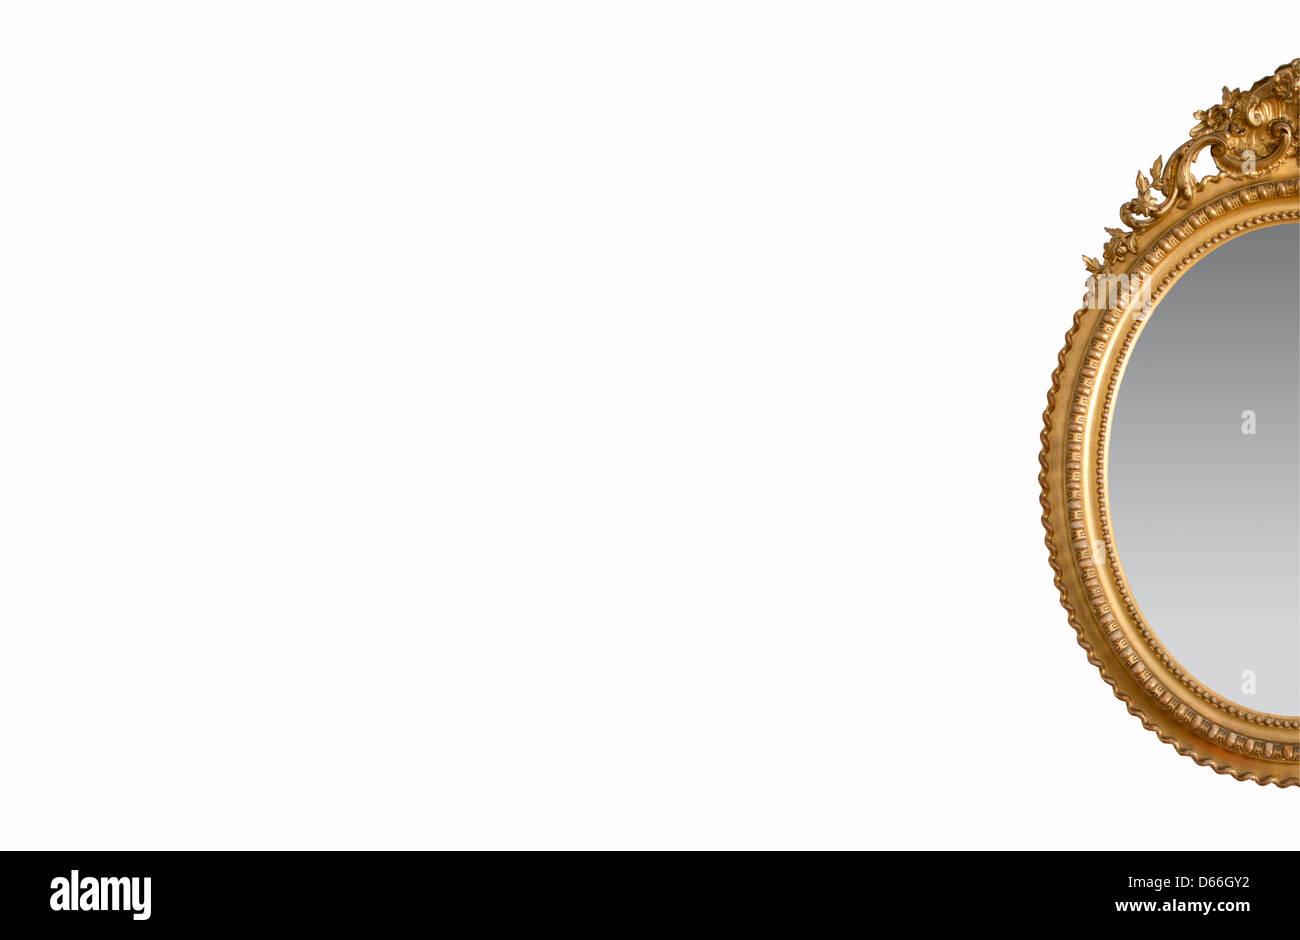 Orné d'un miroir d'or sur un fond blanc. Photo Stock